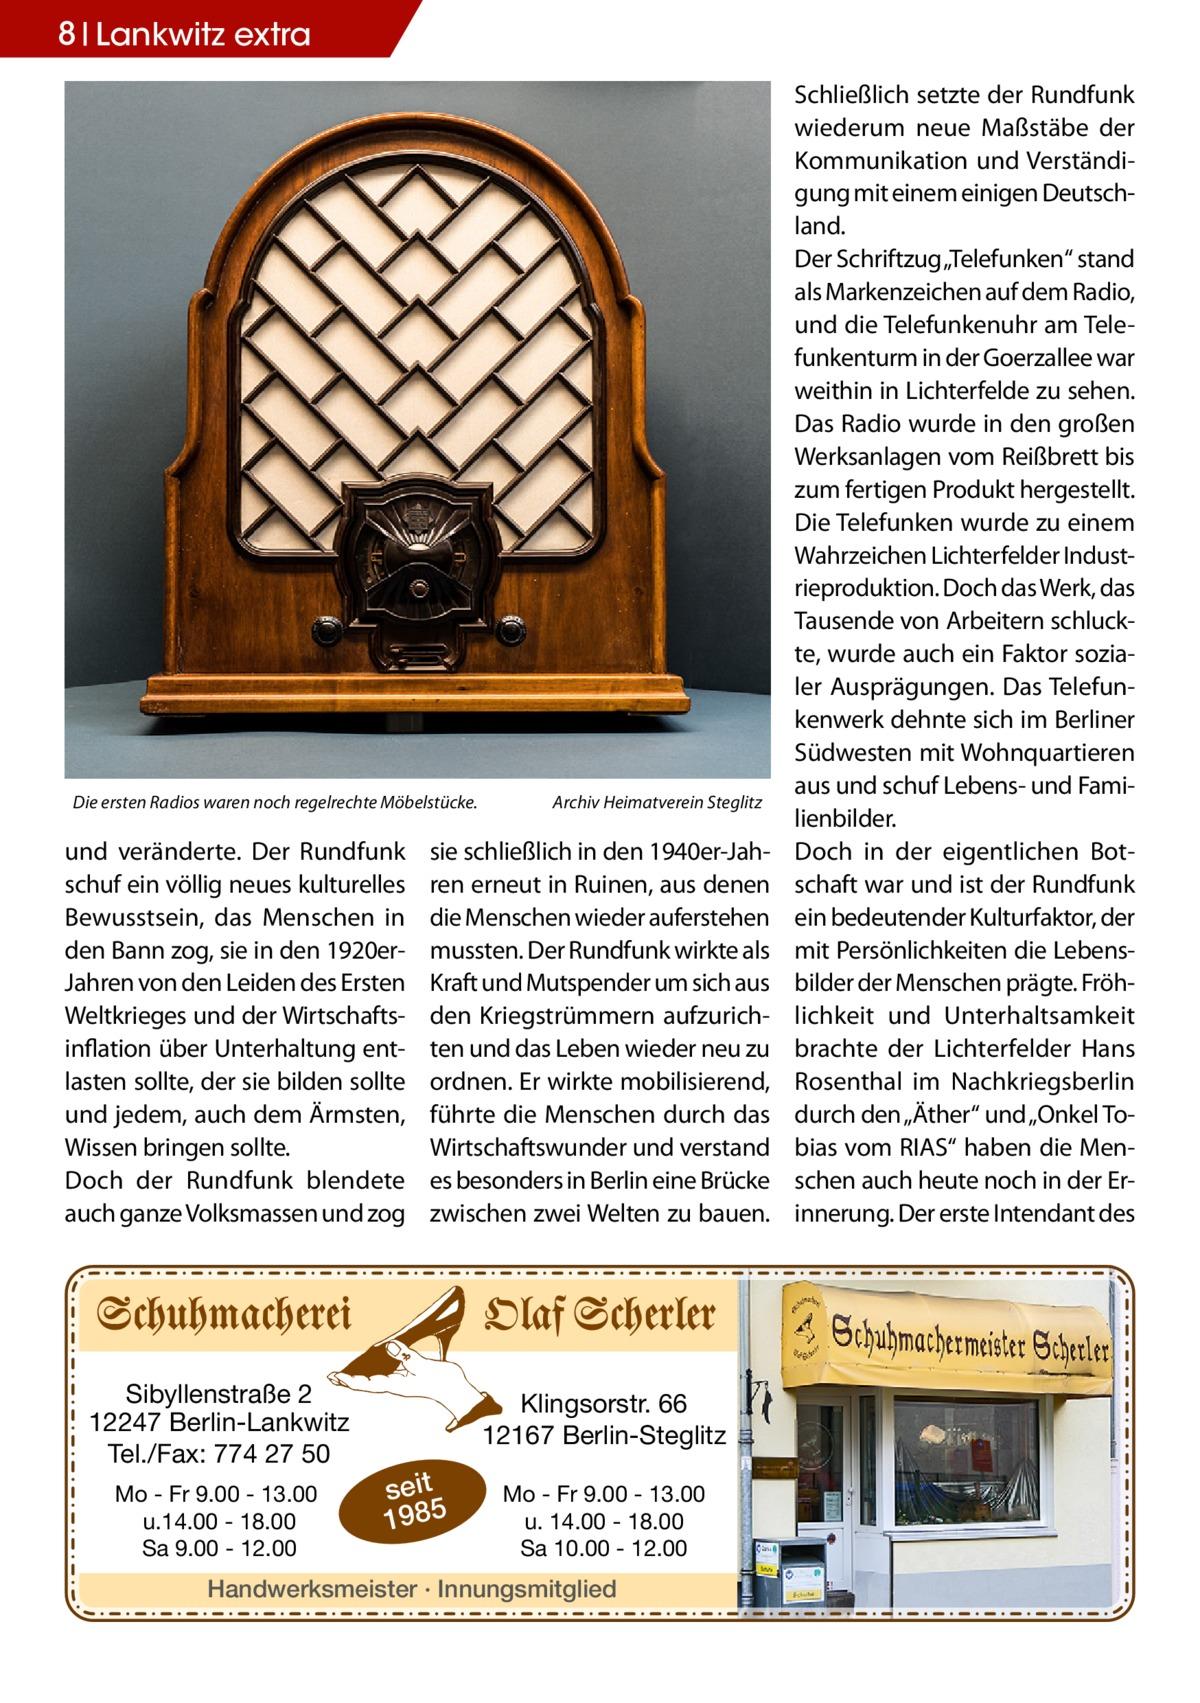 """8 Lankwitz extra  Die ersten Radios waren noch regelrechte Möbelstücke.�  und veränderte. Der Rundfunk schuf ein völlig neues kulturelles Bewusstsein, das Menschen in den Bann zog, sie in den 1920erJahren von den Leiden des Ersten Weltkrieges und der Wirtschaftsinflation über Unterhaltung entlasten sollte, der sie bilden sollte und jedem, auch dem Ärmsten, Wissen bringen sollte. Doch der Rundfunk blendete auch ganze Volksmassen und zog  Sibyllenstraße 2 12247 Berlin-Lankwitz Tel./Fax: 774 27 50 Mo - Fr 9.00 - 13.00 u.14.00 - 18.00 Sa 9.00 - 12.00  Archiv Heimatverein Steglitz  sie schließlich in den 1940er-Jahren erneut in Ruinen, aus denen die Menschen wieder auferstehen mussten. Der Rundfunk wirkte als Kraft und Mutspender um sich aus den Kriegstrümmern aufzurichten und das Leben wieder neu zu ordnen. Er wirkte mobilisierend, führte die Menschen durch das Wirtschaftswunder und verstand es besonders in Berlin eine Brücke zwischen zwei Welten zu bauen.  Klingsorstr. 66 12167 Berlin-Steglitz  seit 1985  Mo - Fr 9.00 - 13.00 u. 14.00 - 18.00 Sa 10.00 - 12.00  Handwerksmeister · Innungsmitglied  Schließlich setzte der Rundfunk wiederum neue Maßstäbe der Kommunikation und Verständigung mit einem einigen Deutschland. Der Schriftzug """"Telefunken"""" stand als Markenzeichen auf dem Radio, und die Telefunkenuhr am Telefunkenturm in der Goerzallee war weithin in Lichterfelde zu sehen. Das Radio wurde in den großen Werksanlagen vom Reißbrett bis zum fertigen Produkt hergestellt. Die Telefunken wurde zu einem Wahrzeichen Lichterfelder Industrieproduktion. Doch das Werk, das Tausende von Arbeitern schluckte, wurde auch ein Faktor sozialer Ausprägungen. Das Telefunkenwerk dehnte sich im Berliner Südwesten mit Wohnquartieren aus und schuf Lebens- und Familienbilder. Doch in der eigentlichen Botschaft war und ist der Rundfunk ein bedeutender Kulturfaktor, der mit Persönlichkeiten die Lebensbilder der Menschen prägte. Fröhlichkeit und Unterhaltsamkeit brachte der Lichterfelder Hans Ros"""